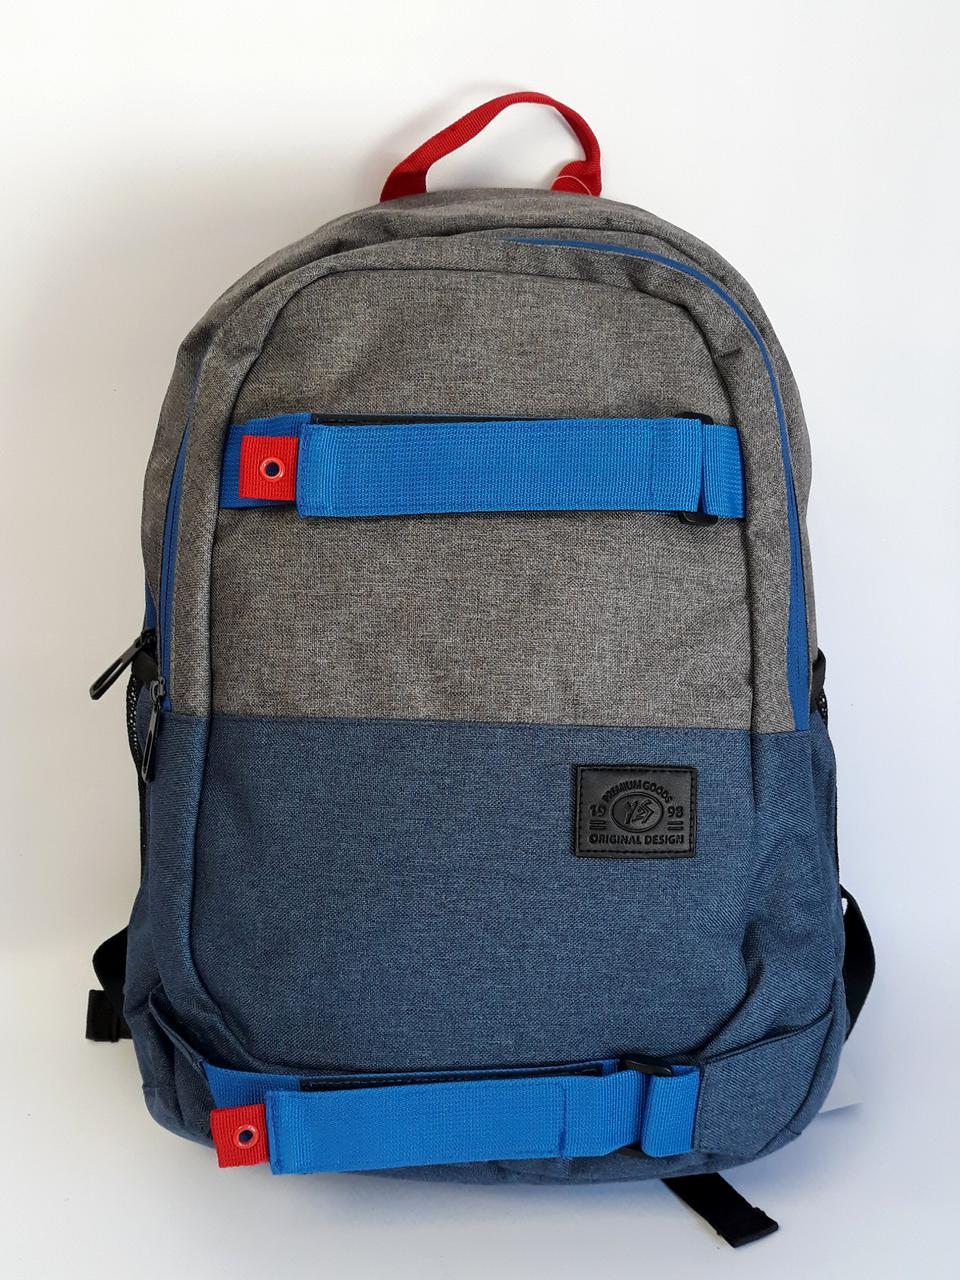 Купить рюкзак в запорожье интеренет магазин купить охотничьи рюкзаки